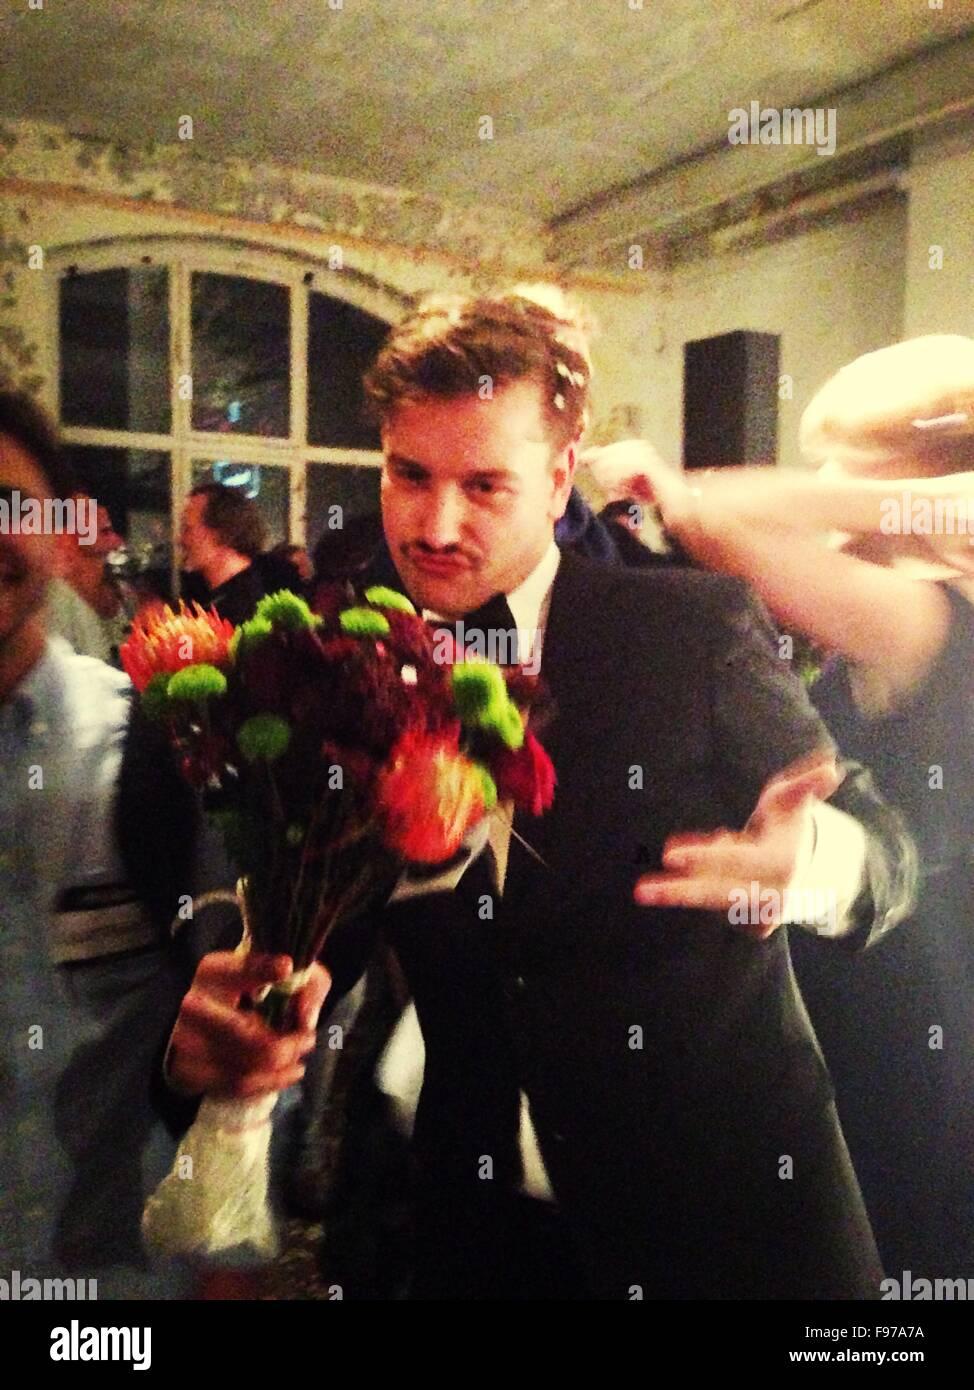 Giovane uomo In tuta raggrinzamenti labbra Tenendo Bouquet a caso Immagini Stock